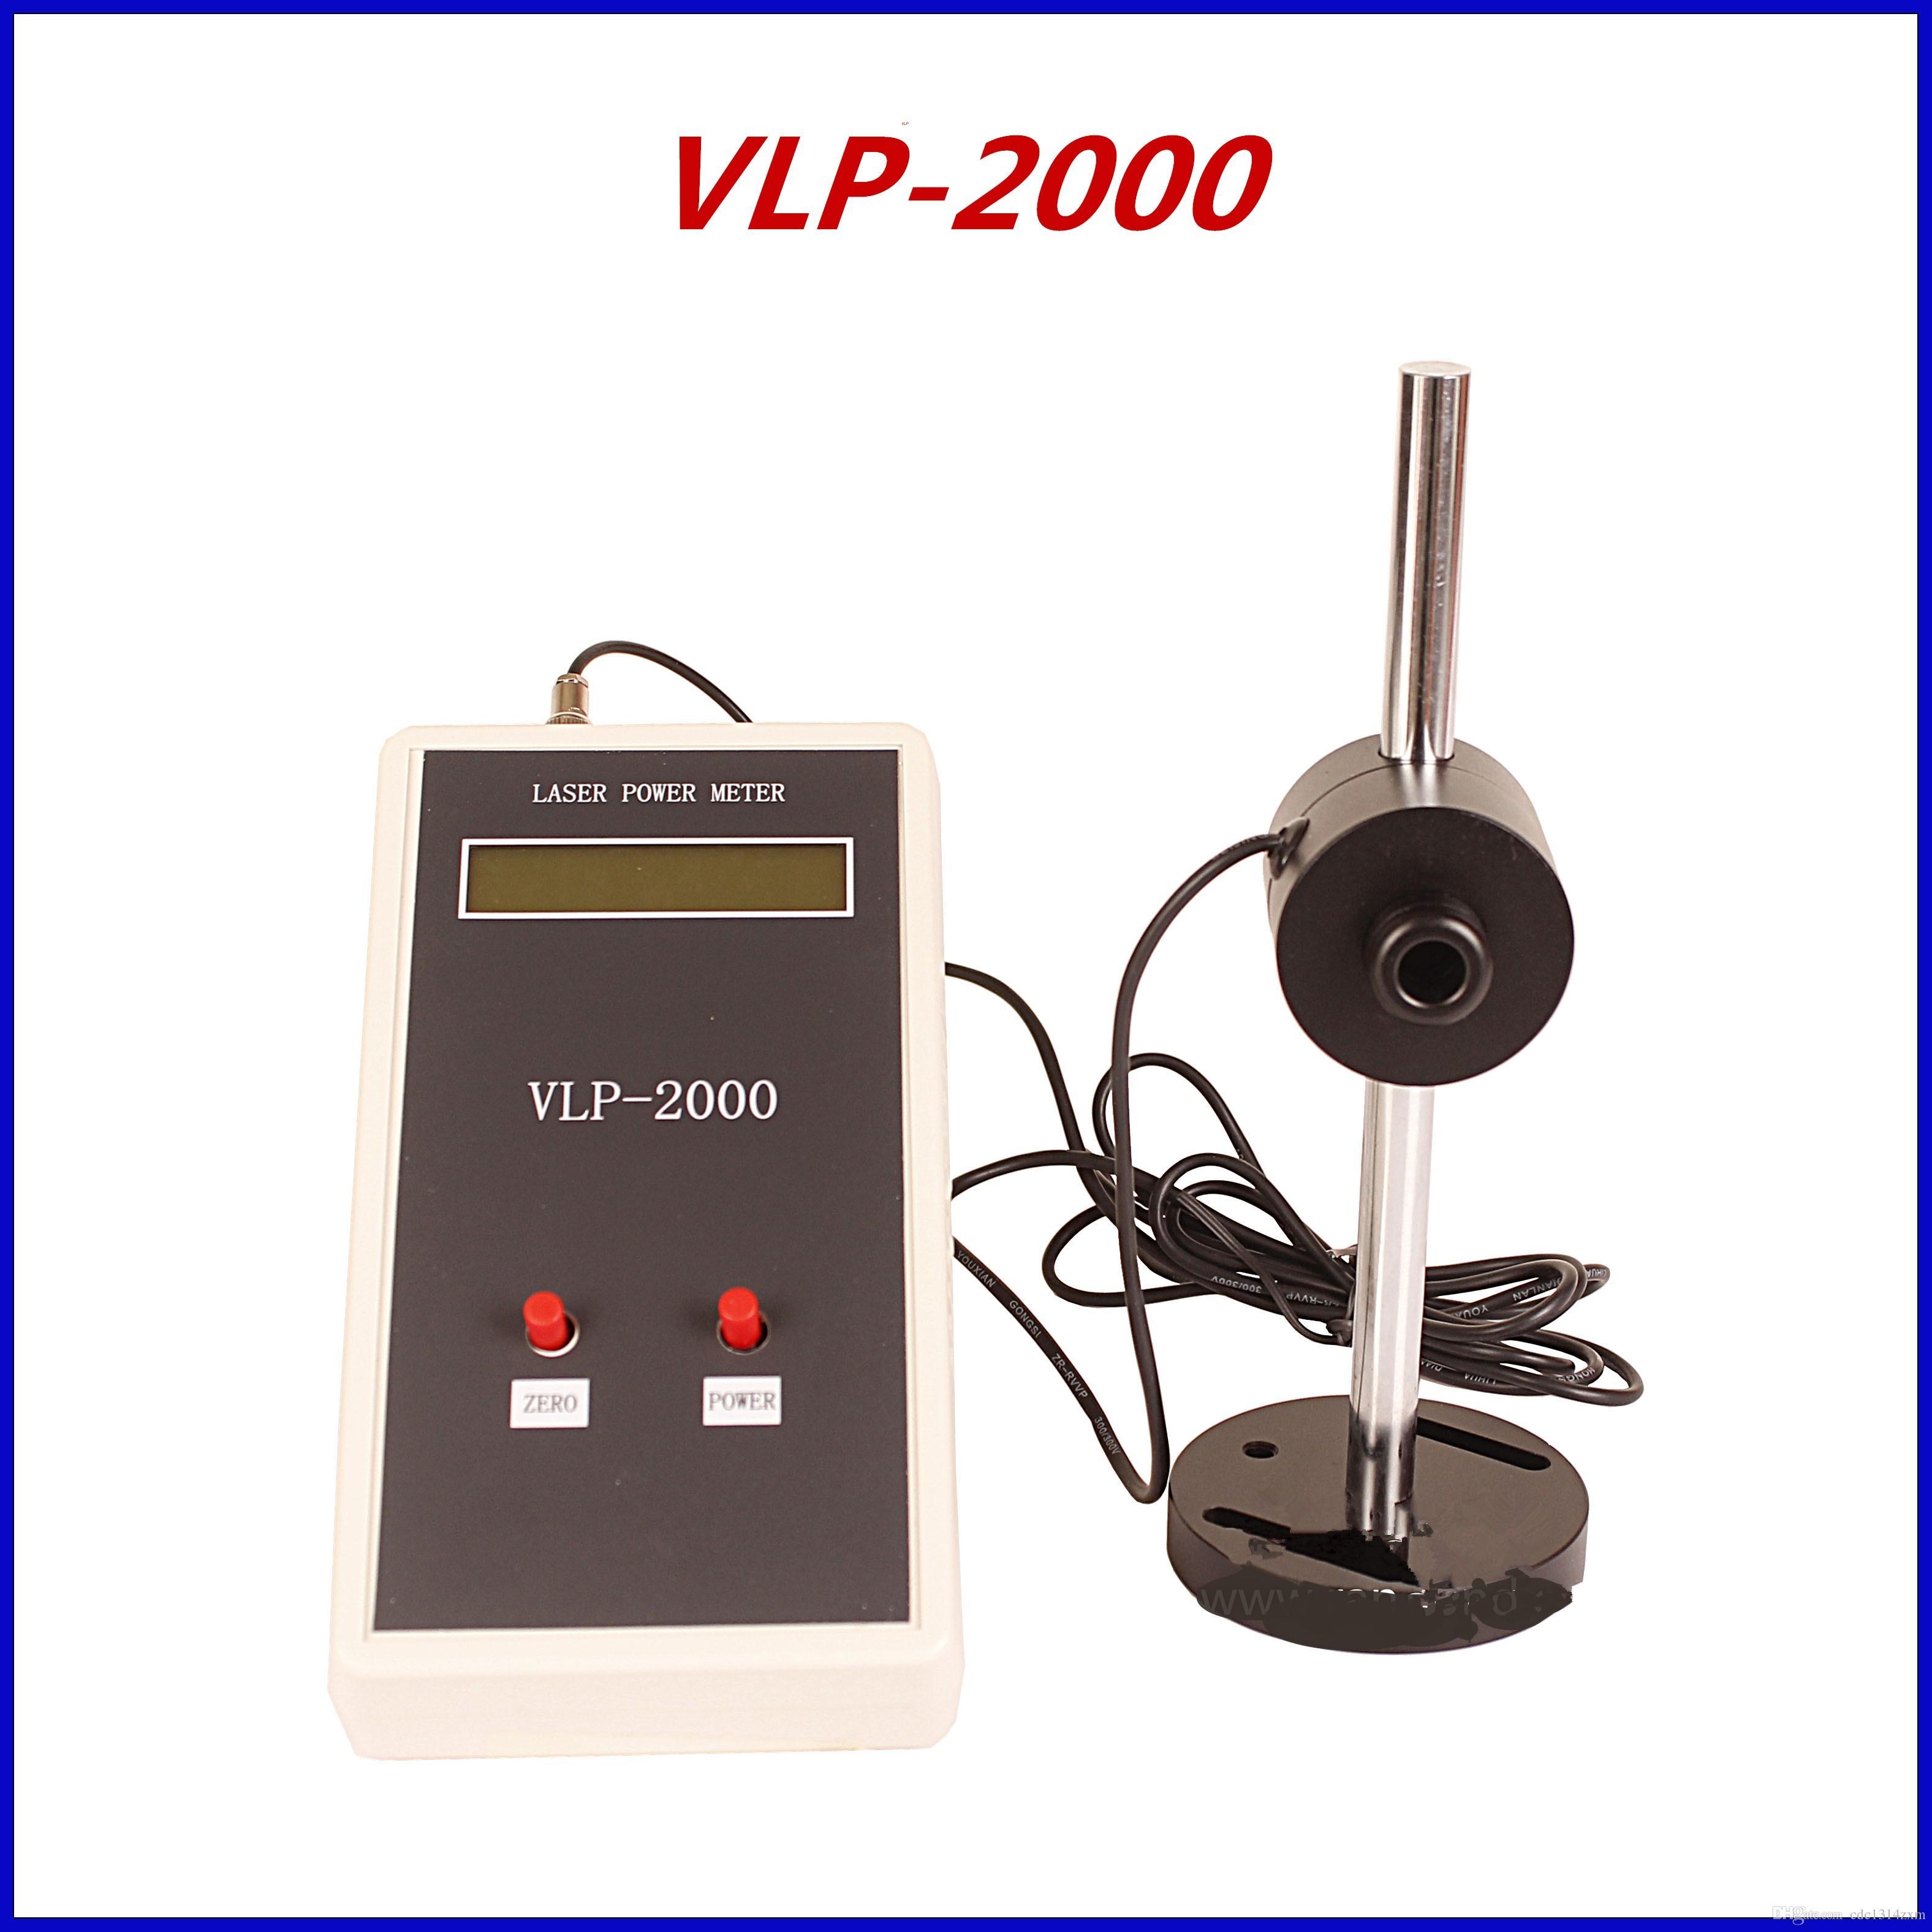 Laser Energy Meters : W vlp laser power meter energy